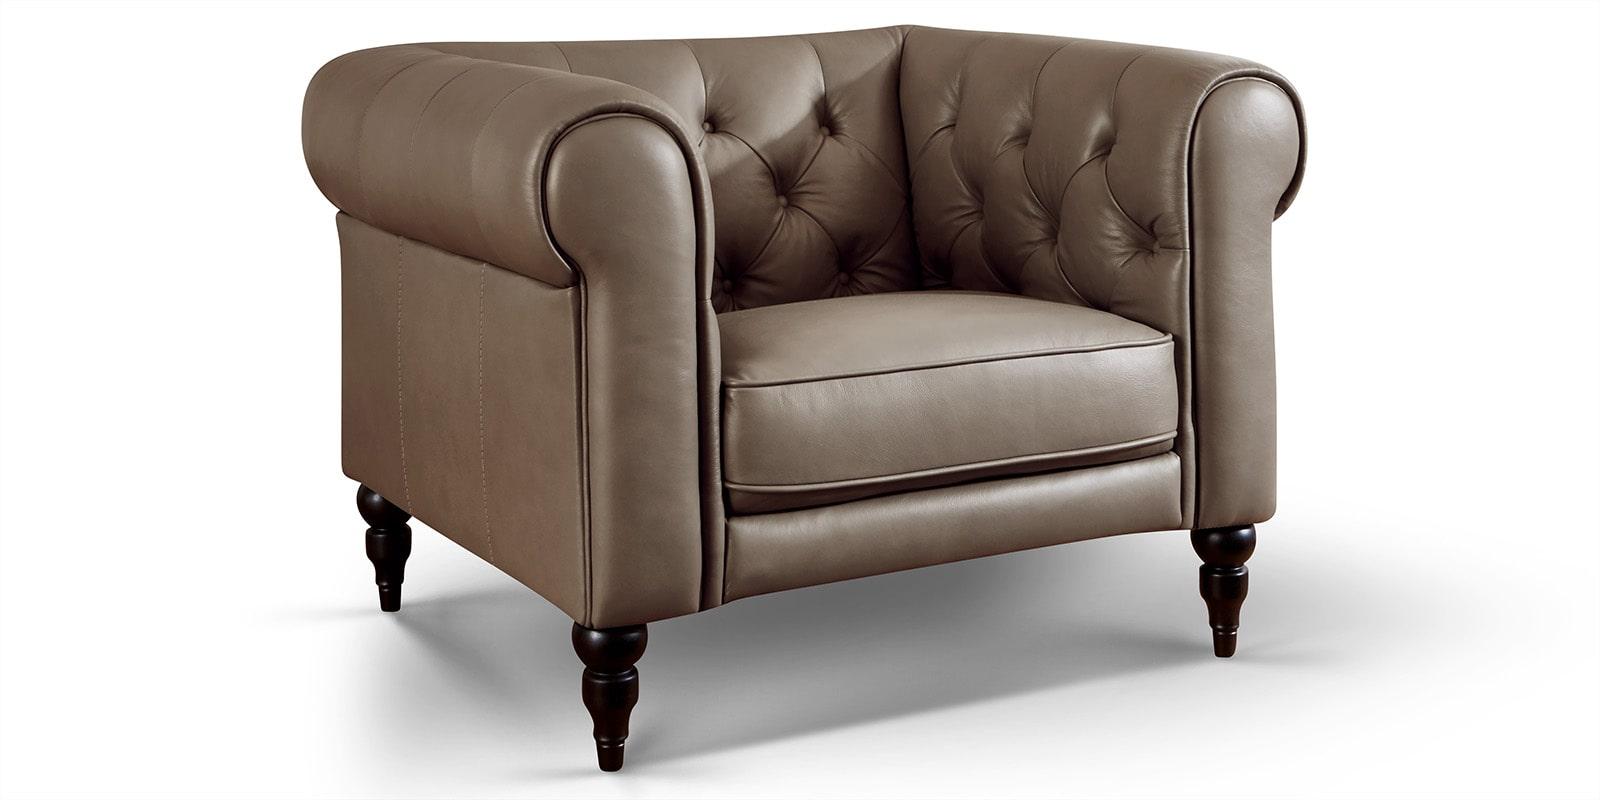 Moebella24 - 1-Sitzer - Sessel - Sofa - Hudson - Chesterfield - Leder - Taupe - Dekorative - Nähte - und - Versteppungen - Barock-Design - Füße - Detailaufnahme